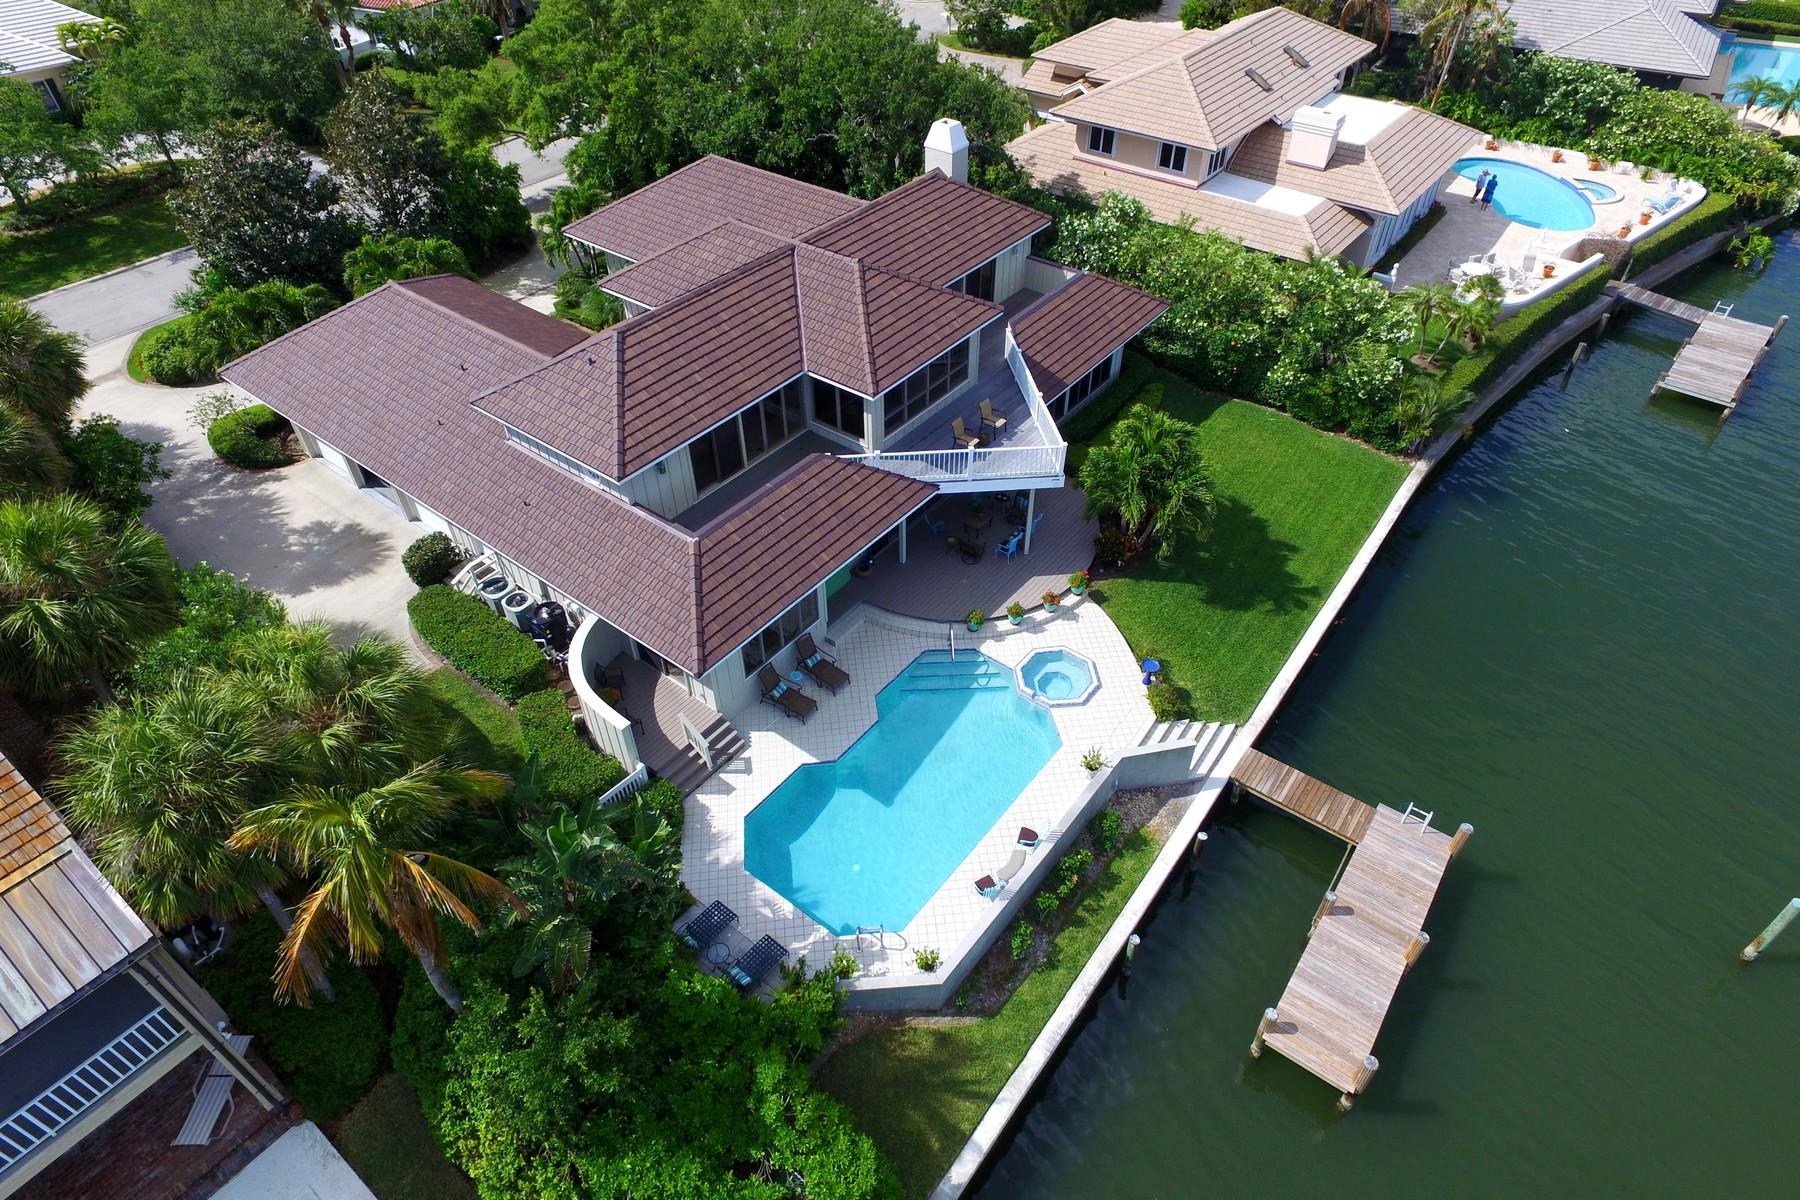 一戸建て のために 売買 アット Outstanding Two Story Pool Home on the River 155 Anchor Drive Vero Beach, フロリダ 32963 アメリカ合衆国